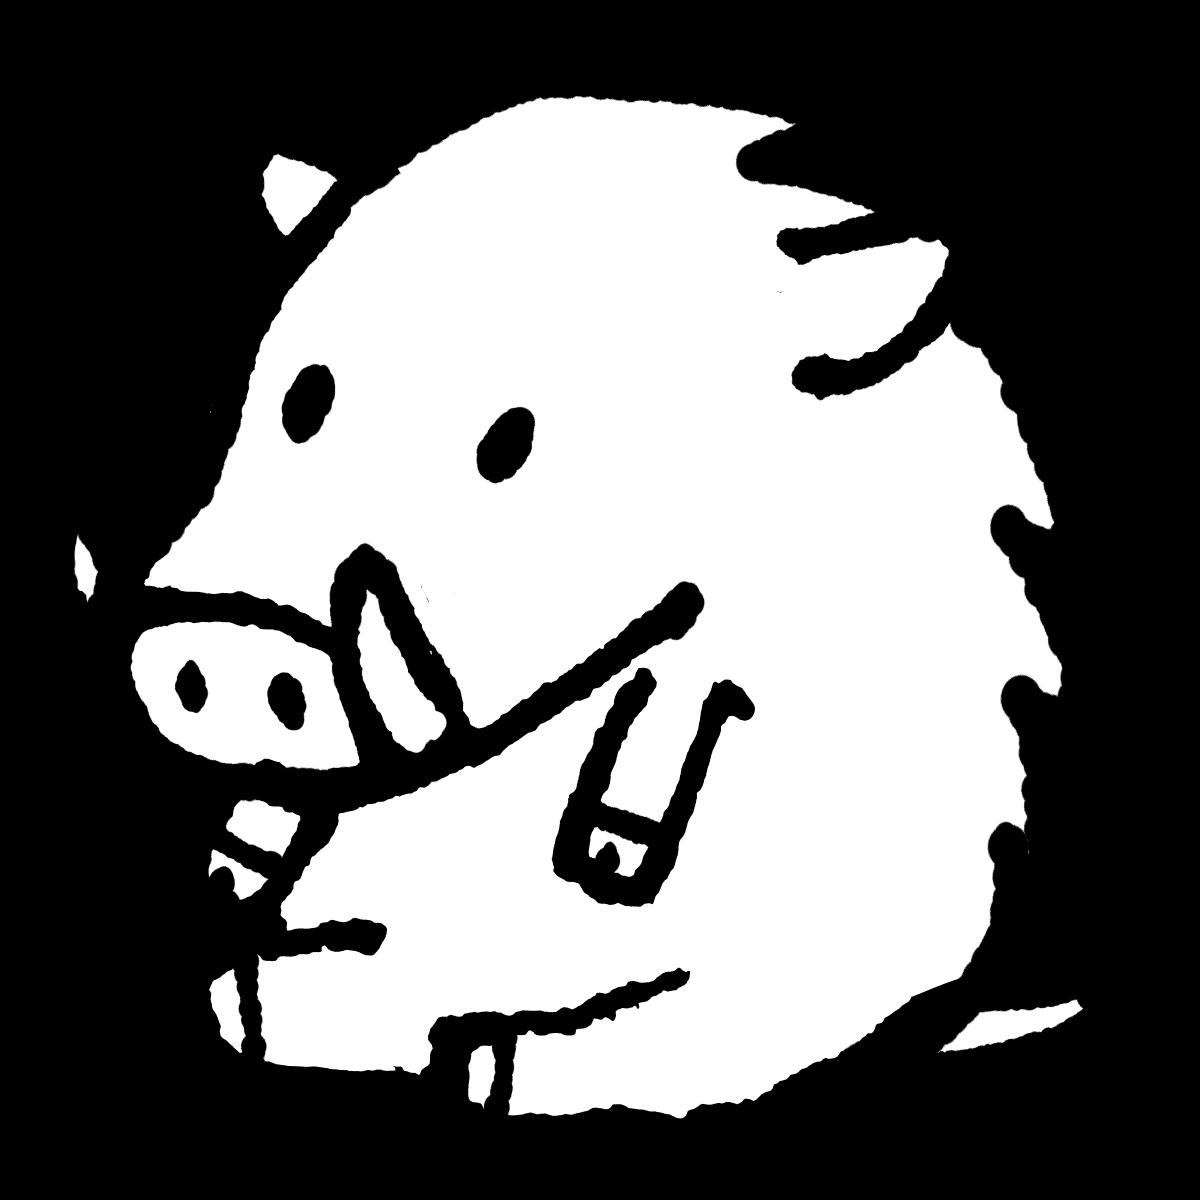 座るイノシシのイラスト / Boar sitting on Illustration